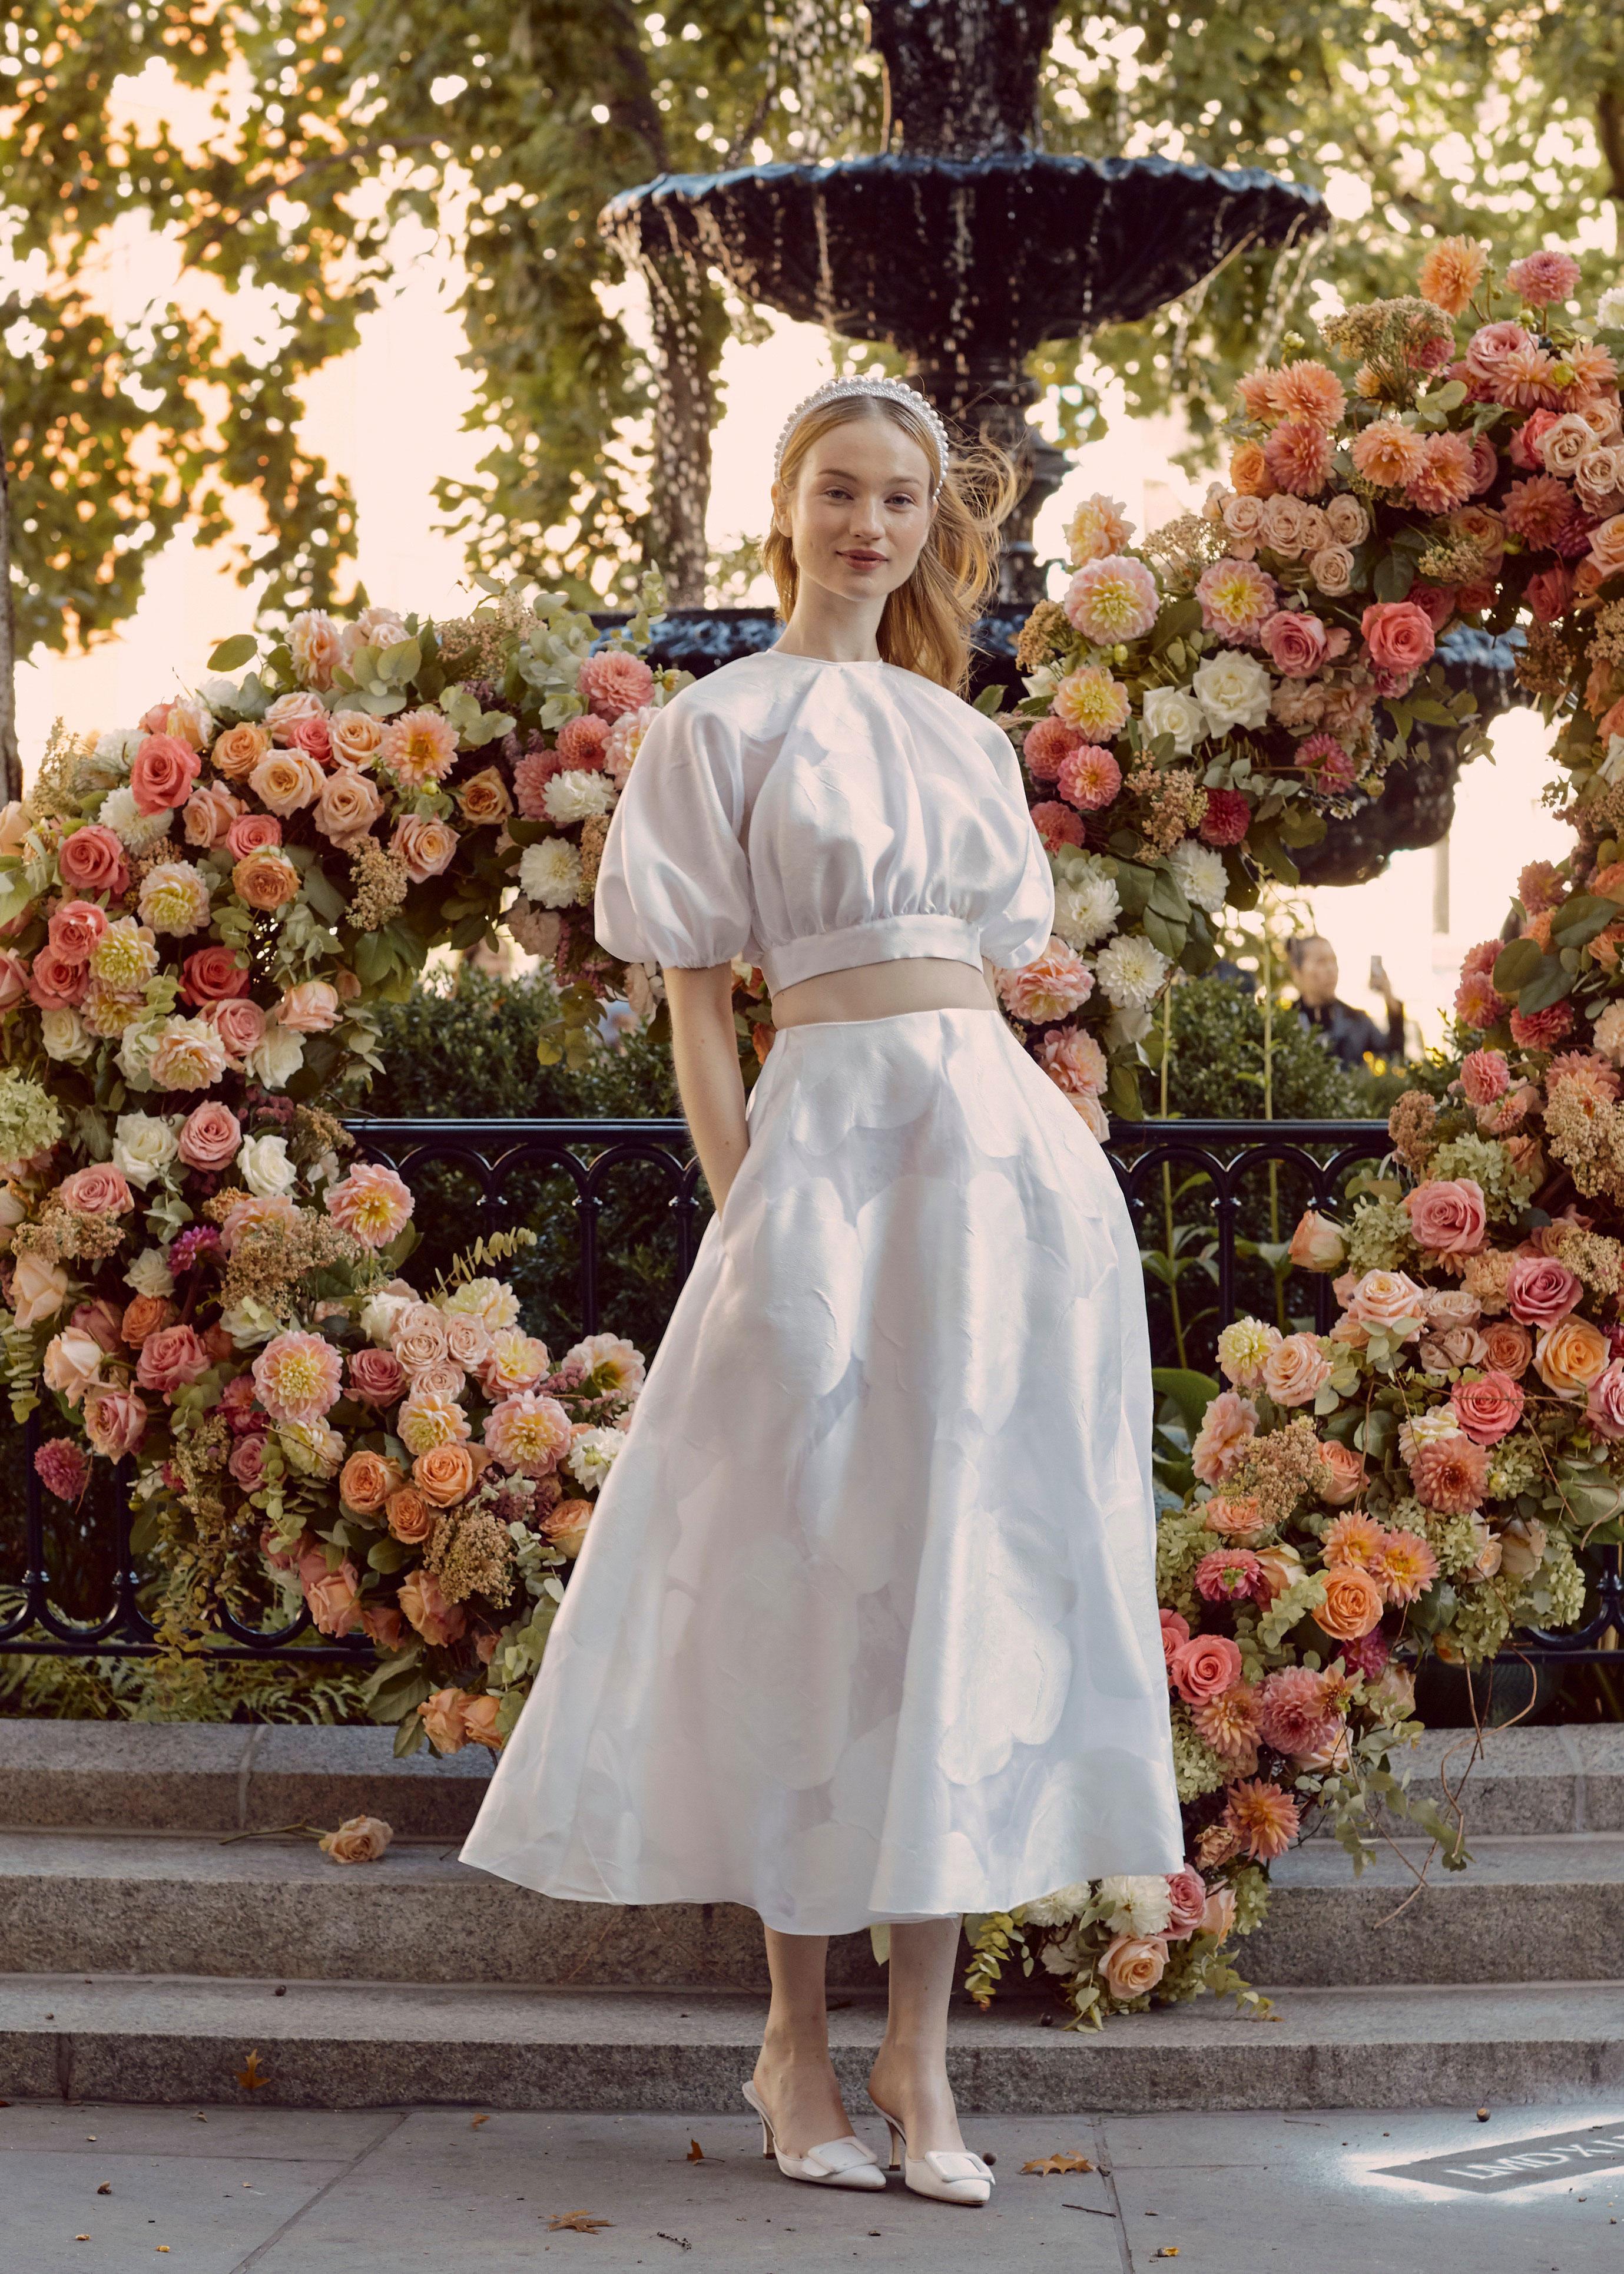 Váy cưới hai mảnh màu trắng của Lela Rose